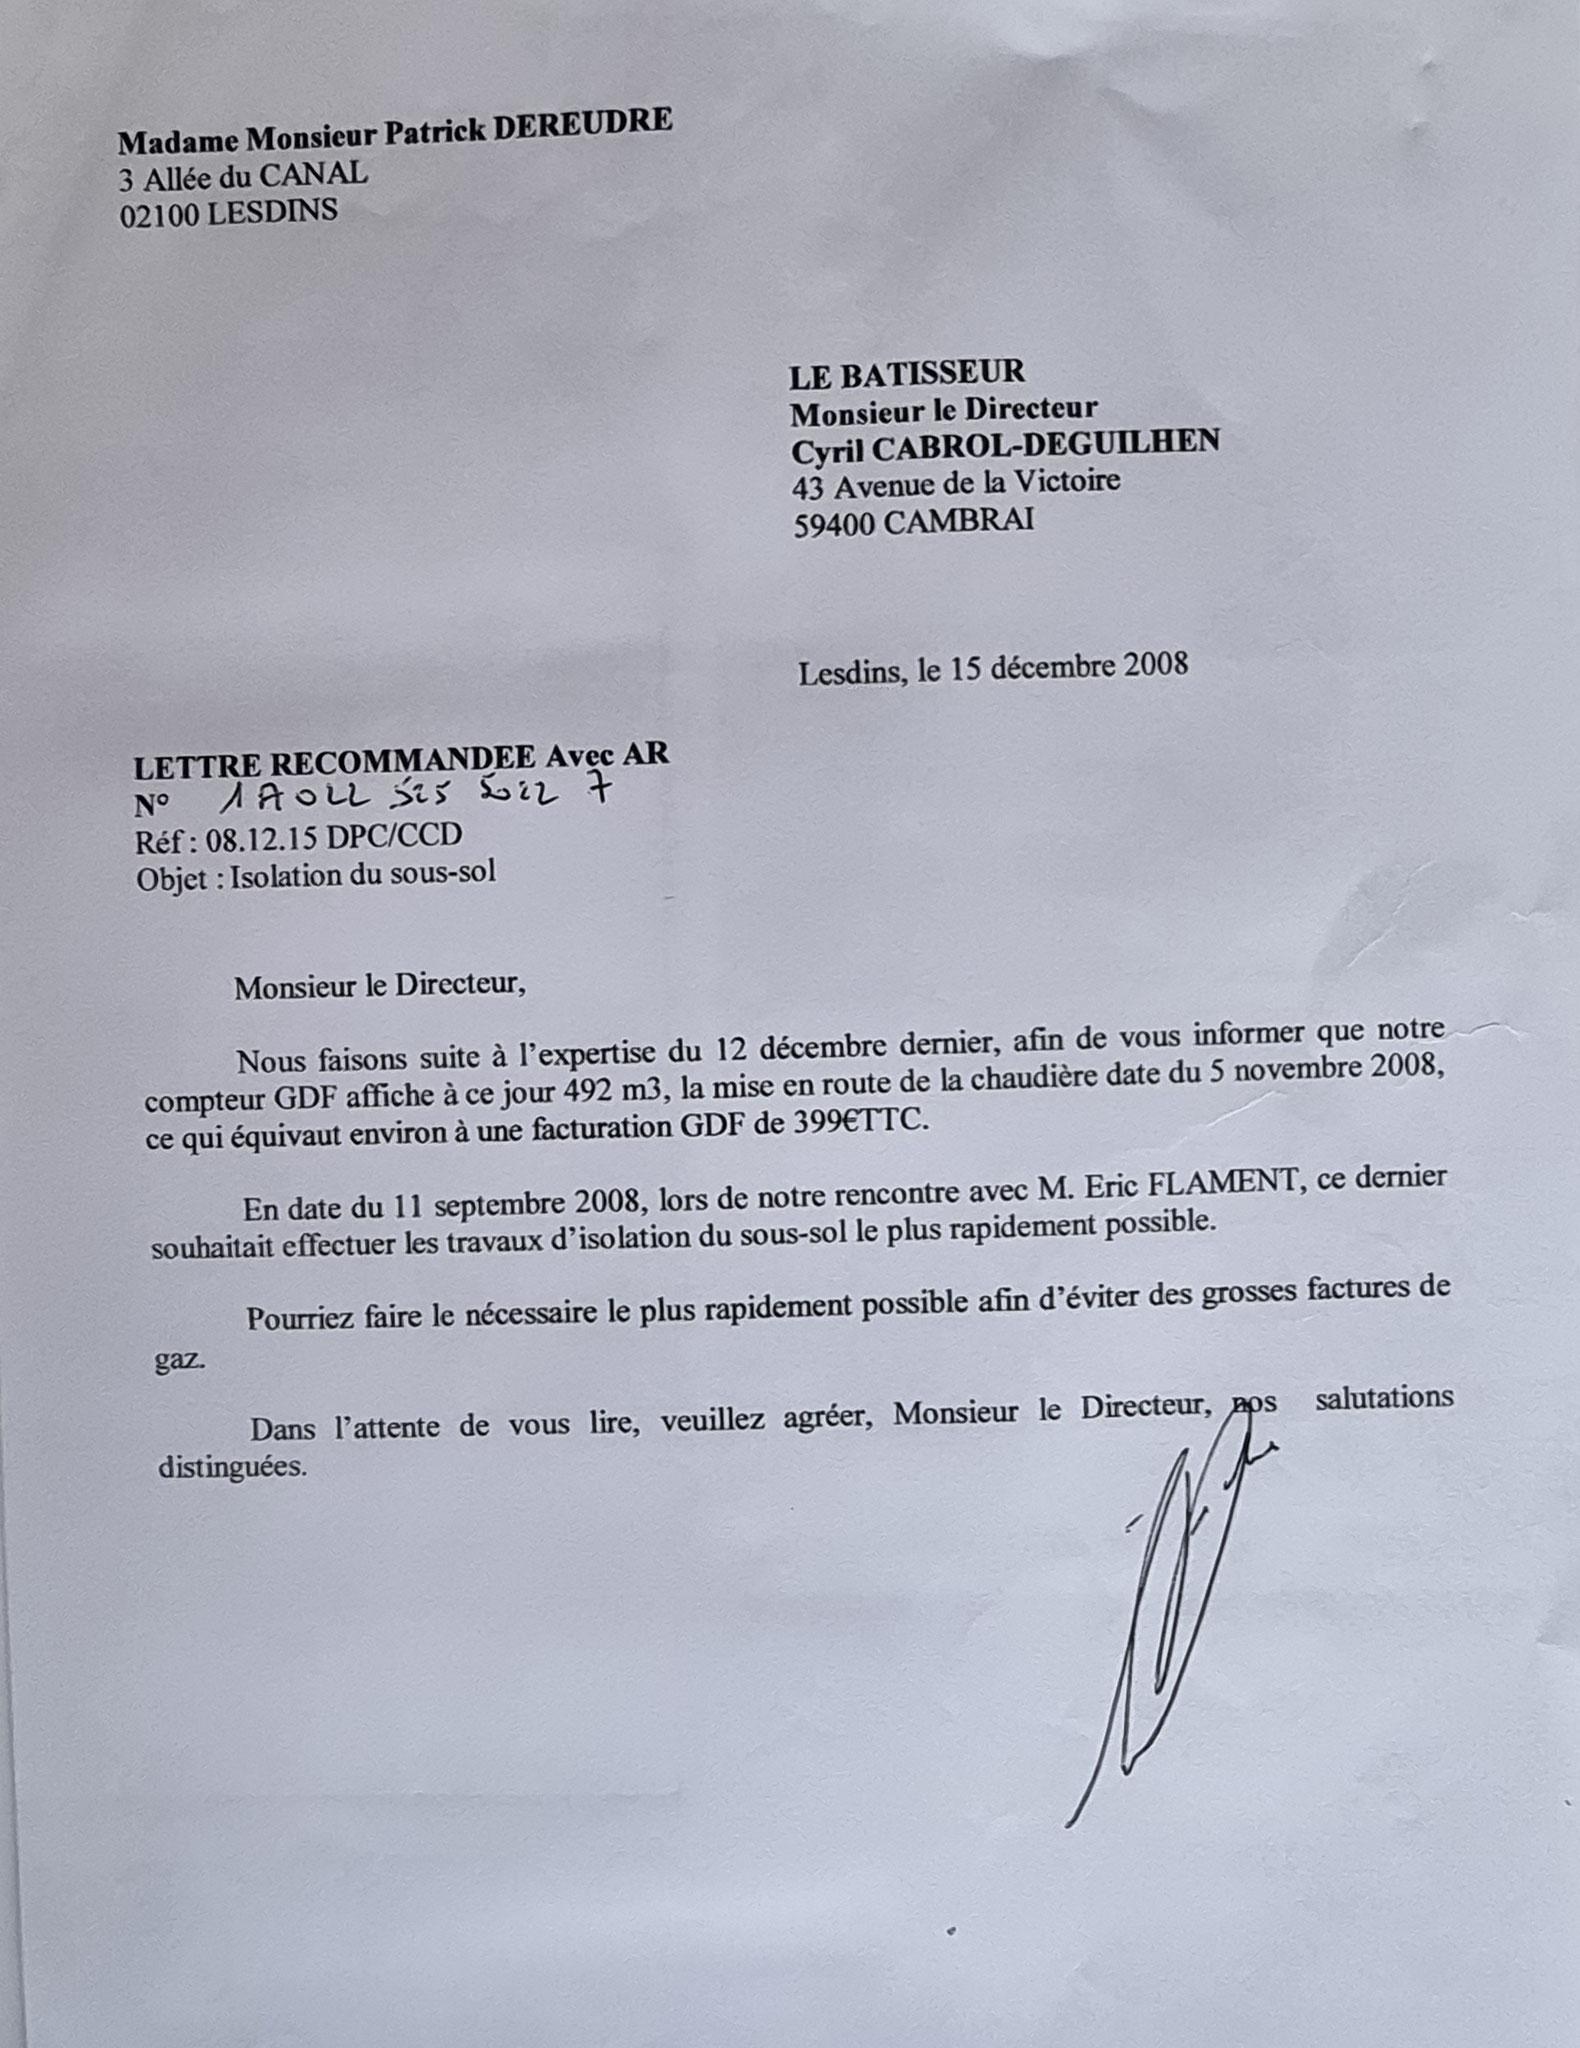 En date du 15 Décembre 2008, j'adresse une LRAR à Monsieur Cyril CABROL le Directeur de notre constructeur LE BATISSEUR à CAMBRAI entreprise aujourd'hui en faillite www.jenesuispasunchien.fr www.jesuispatrick.fr www.jesuisvictime.fr